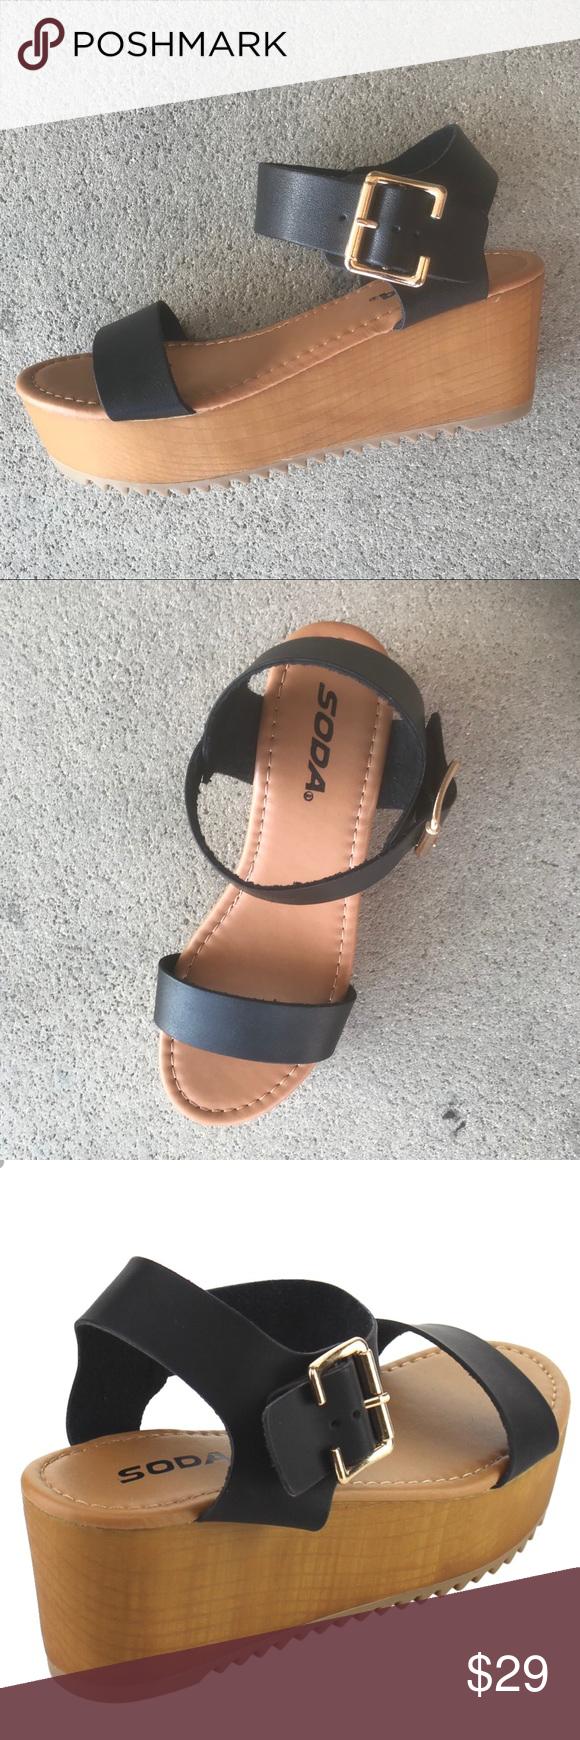 """6384c1bd654859 Soda Ayla Platform Black Sandals - Black 🆒 Soda Ayla 2"""" Wedge Flatform  slopes to 1"""" in front. Black Sandals Strappy faux leather upper."""